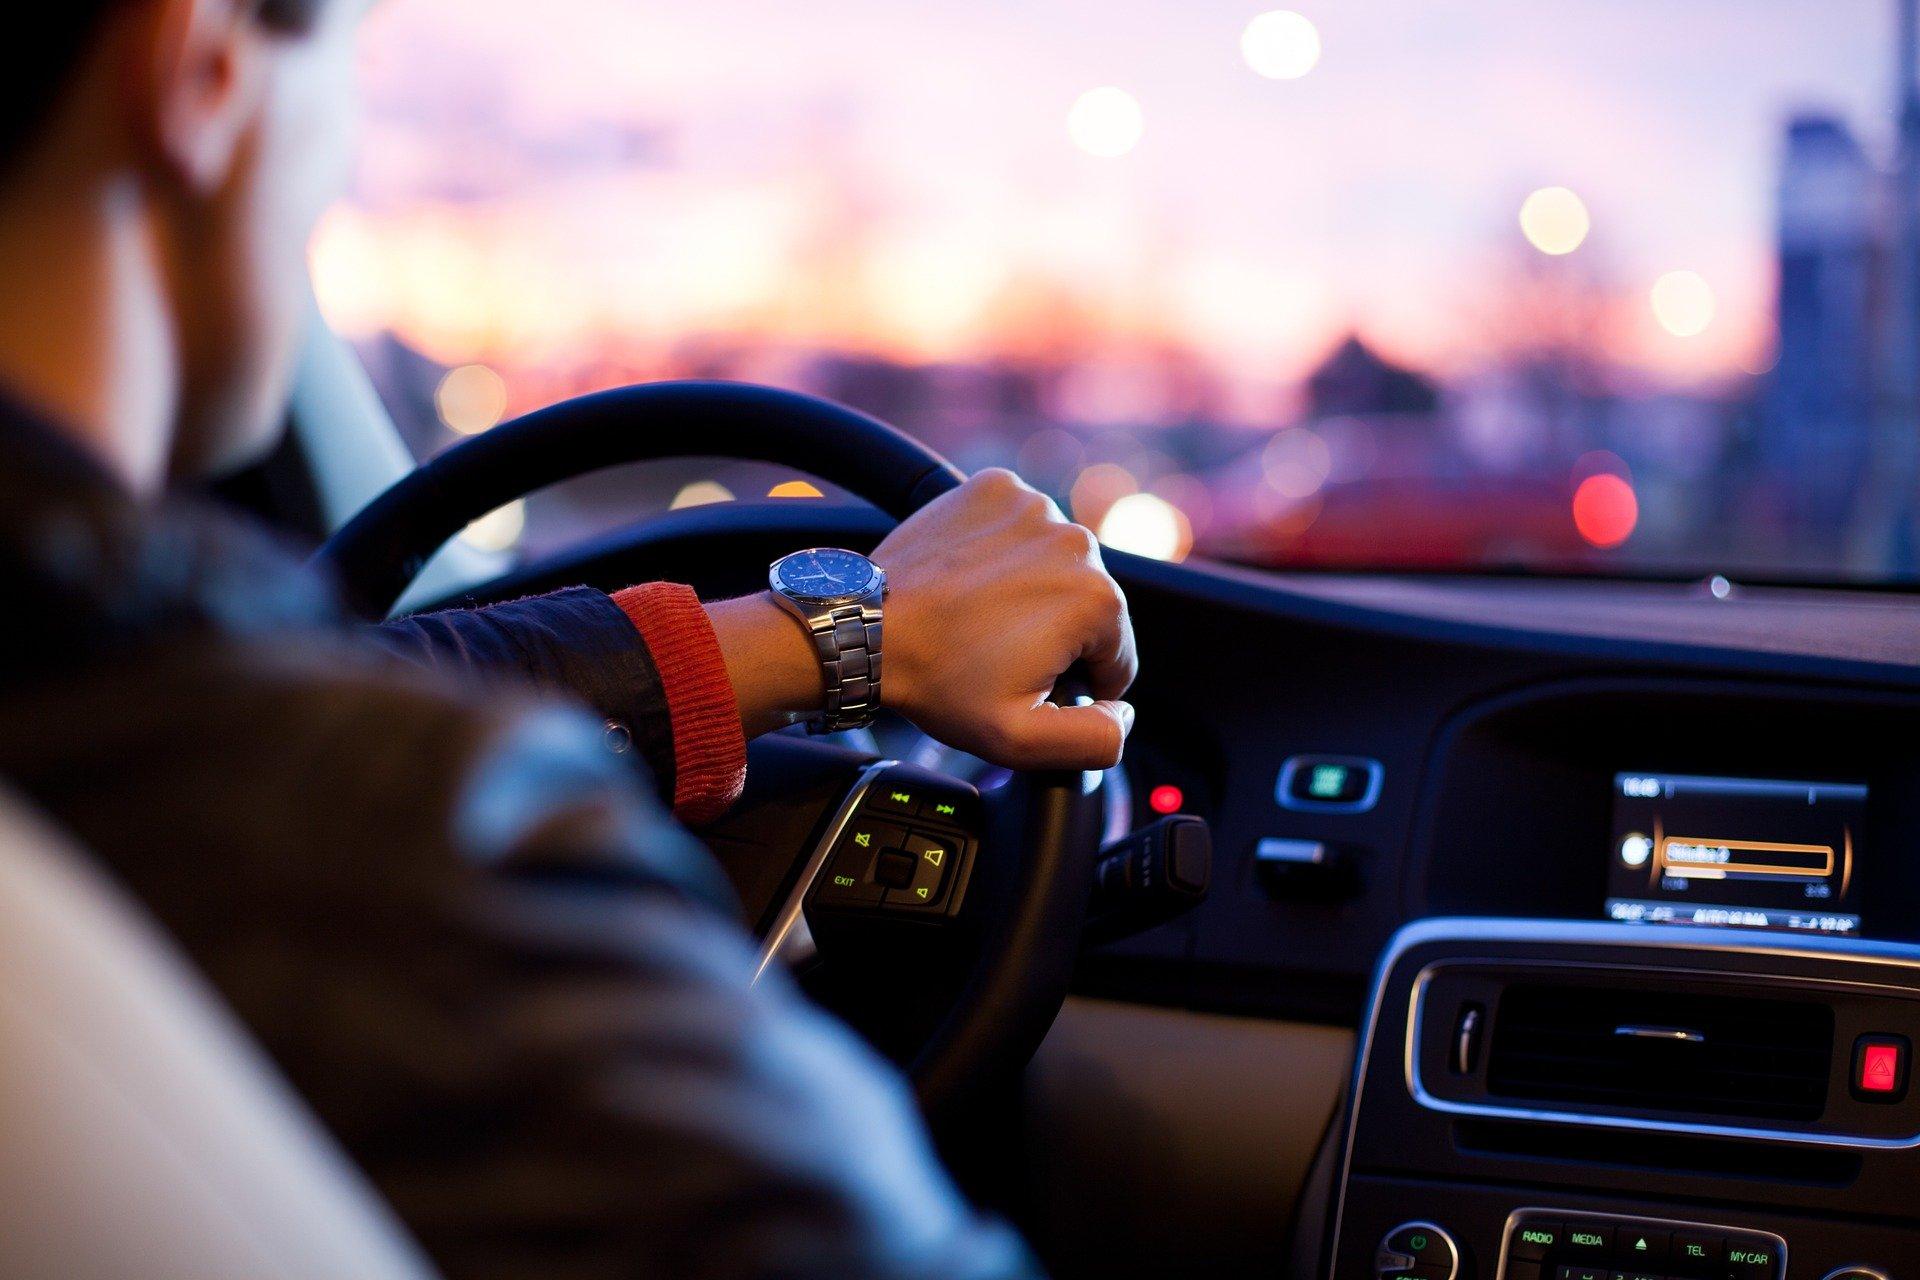 """(Segundo a porta-voz da polícia, o corpo correspondia ao companheiro do motorista, também suíço, e nele não foram observados """"indícios de criminalidade"""". Foto: Reprodução/Pixabay)"""